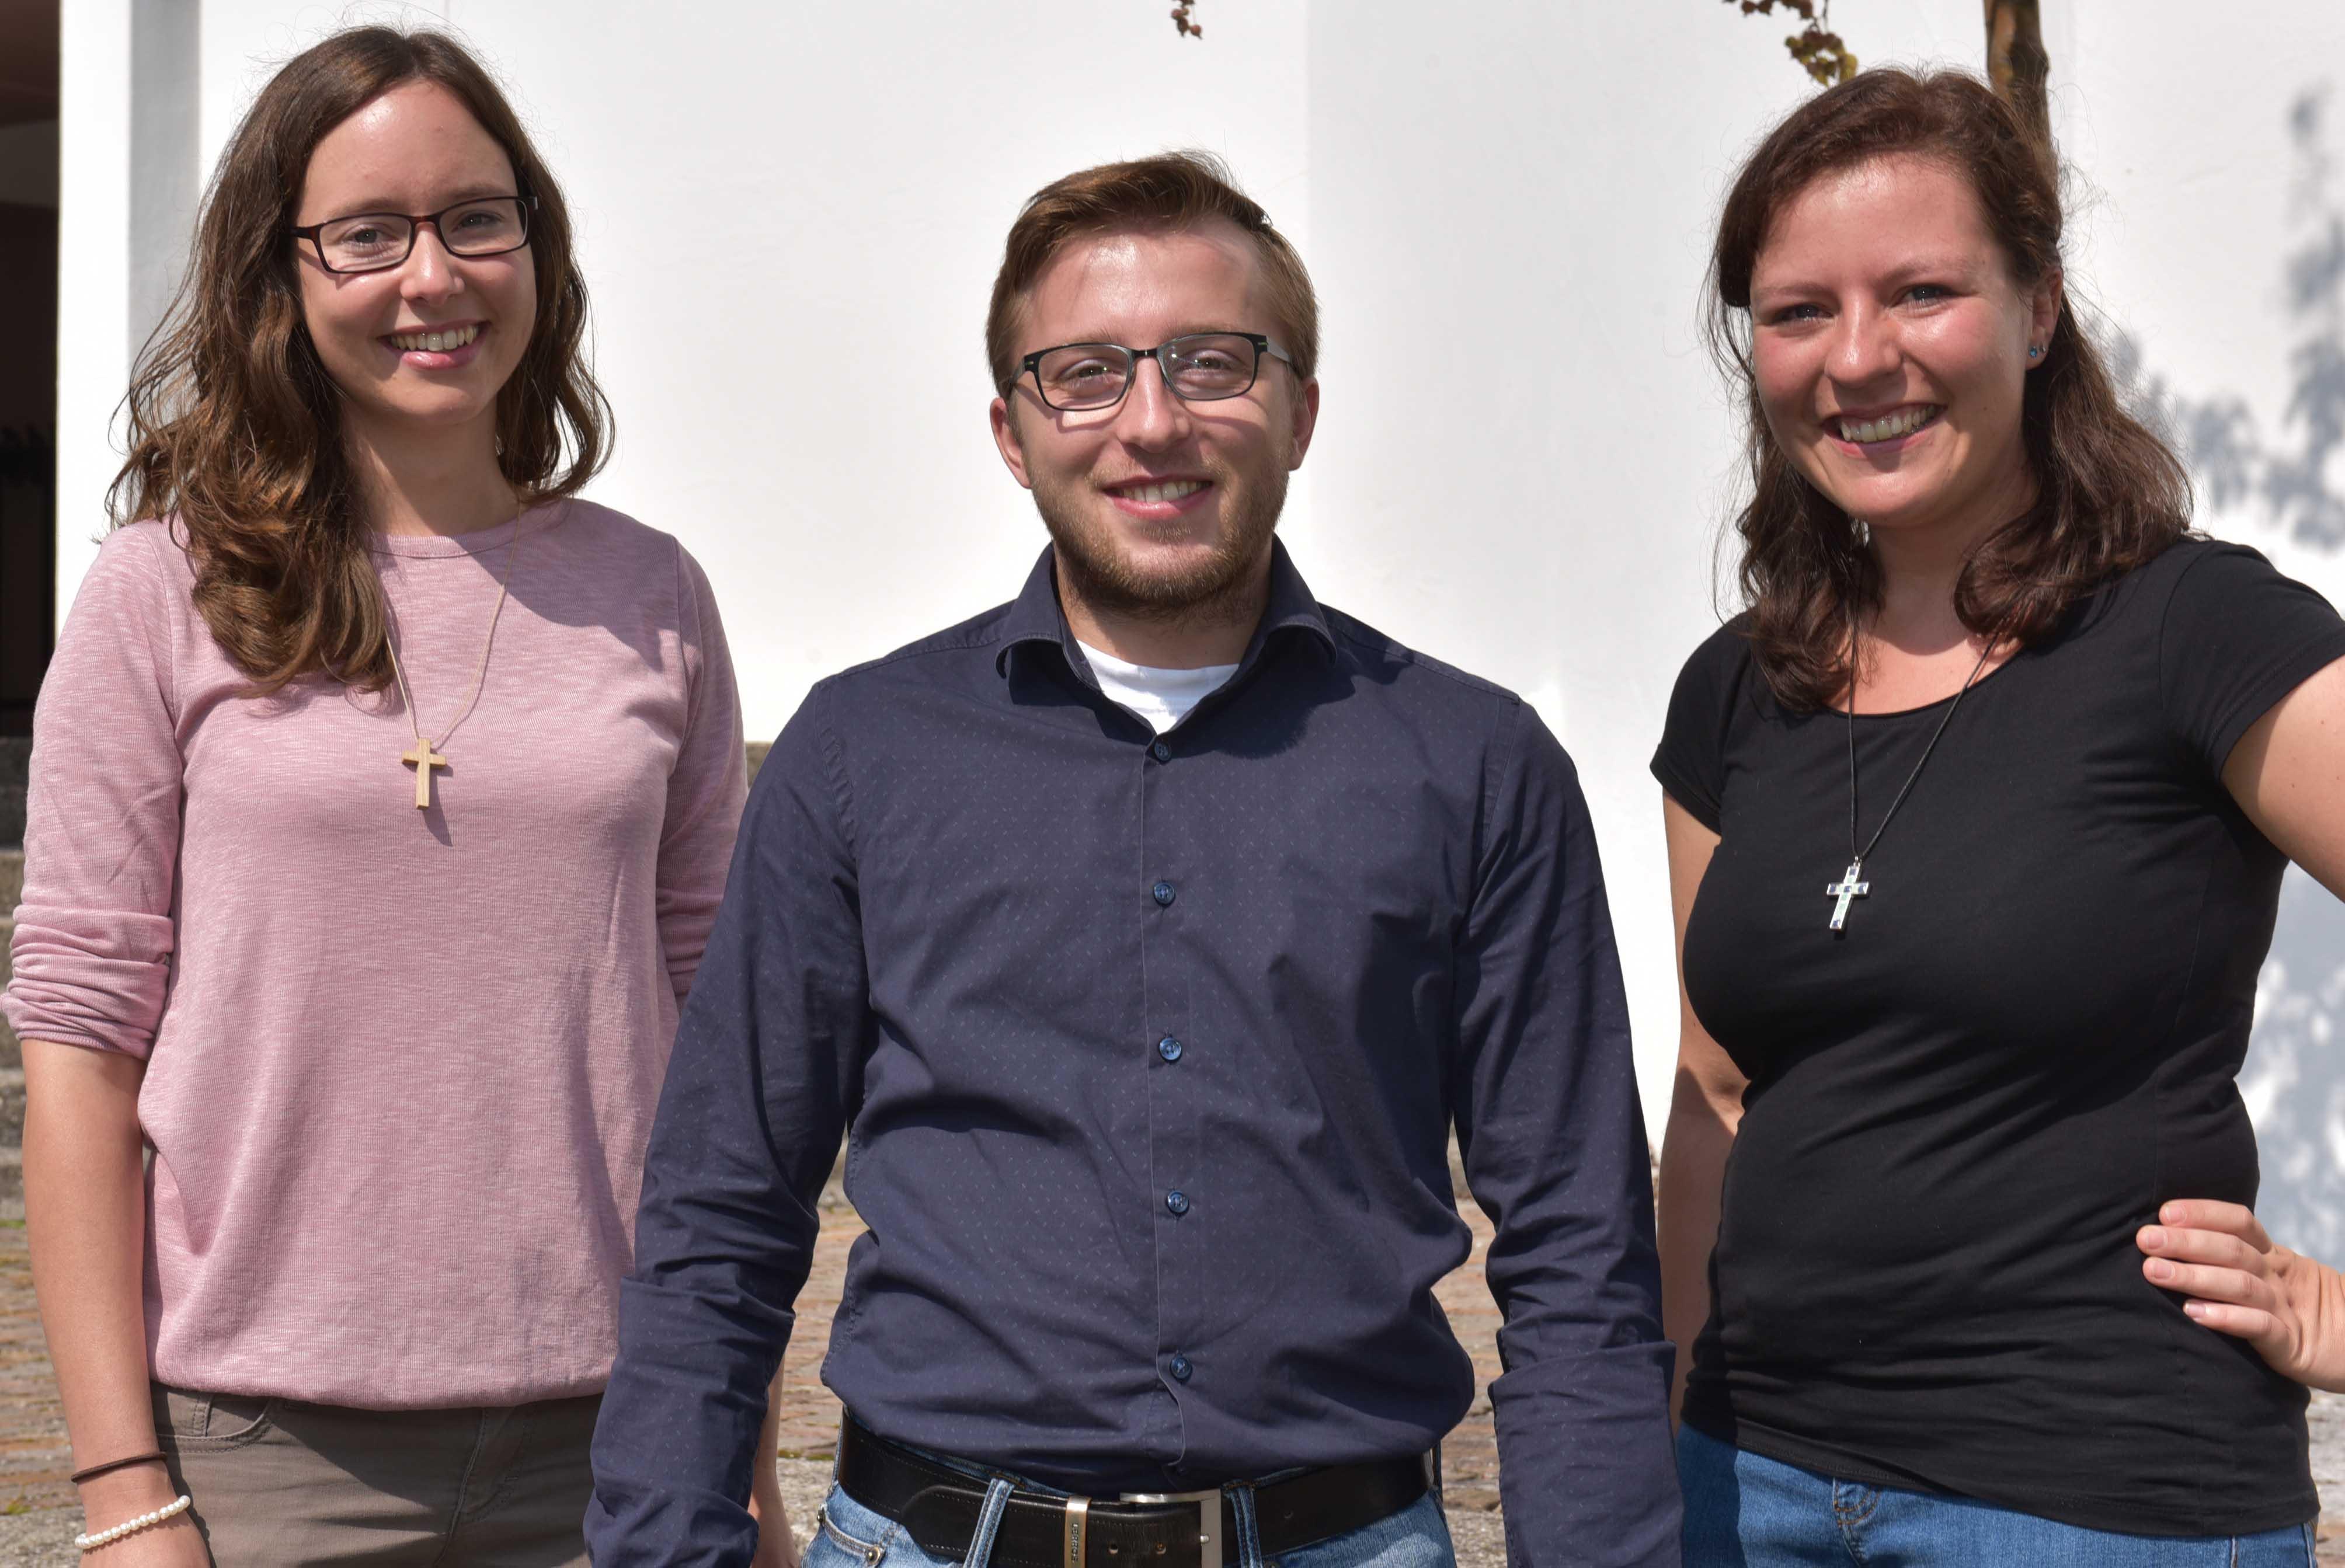 In die Berufseinführung gestartet sind auch drei neue Gemeindeassistent/-innen: Julia Meichelböck, Martin Mayer, Marina Mayr (Foto: Maria Steber / pba).